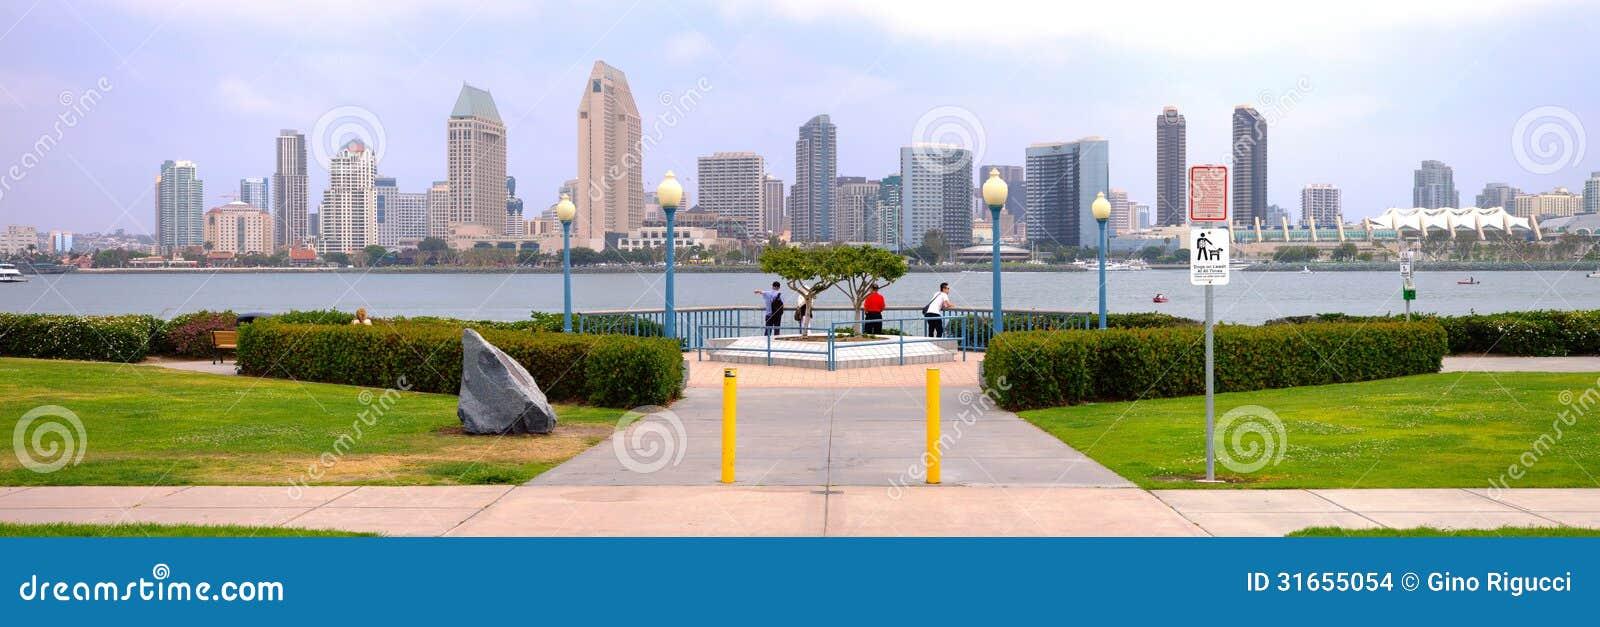 San Diego California panorama.- Editorial.